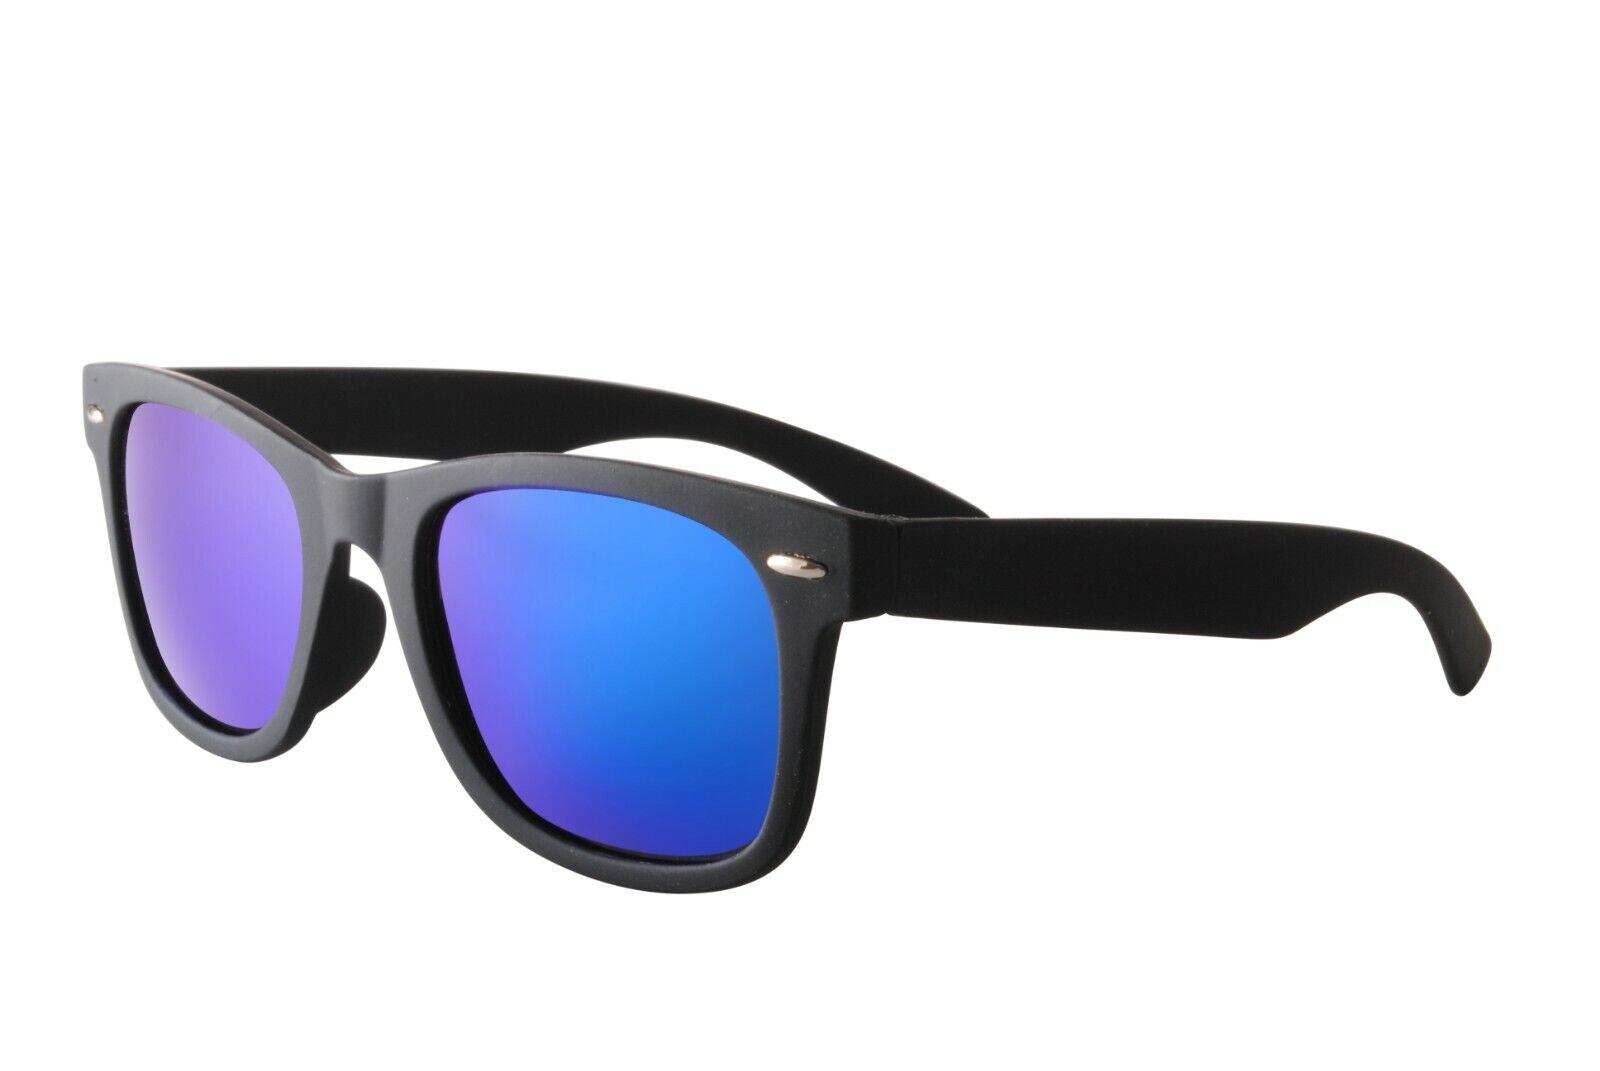 Glatt Schwarz Polarisiert Gespiegelt Trendy Wayfare Sonnenbrille Billig Uv400